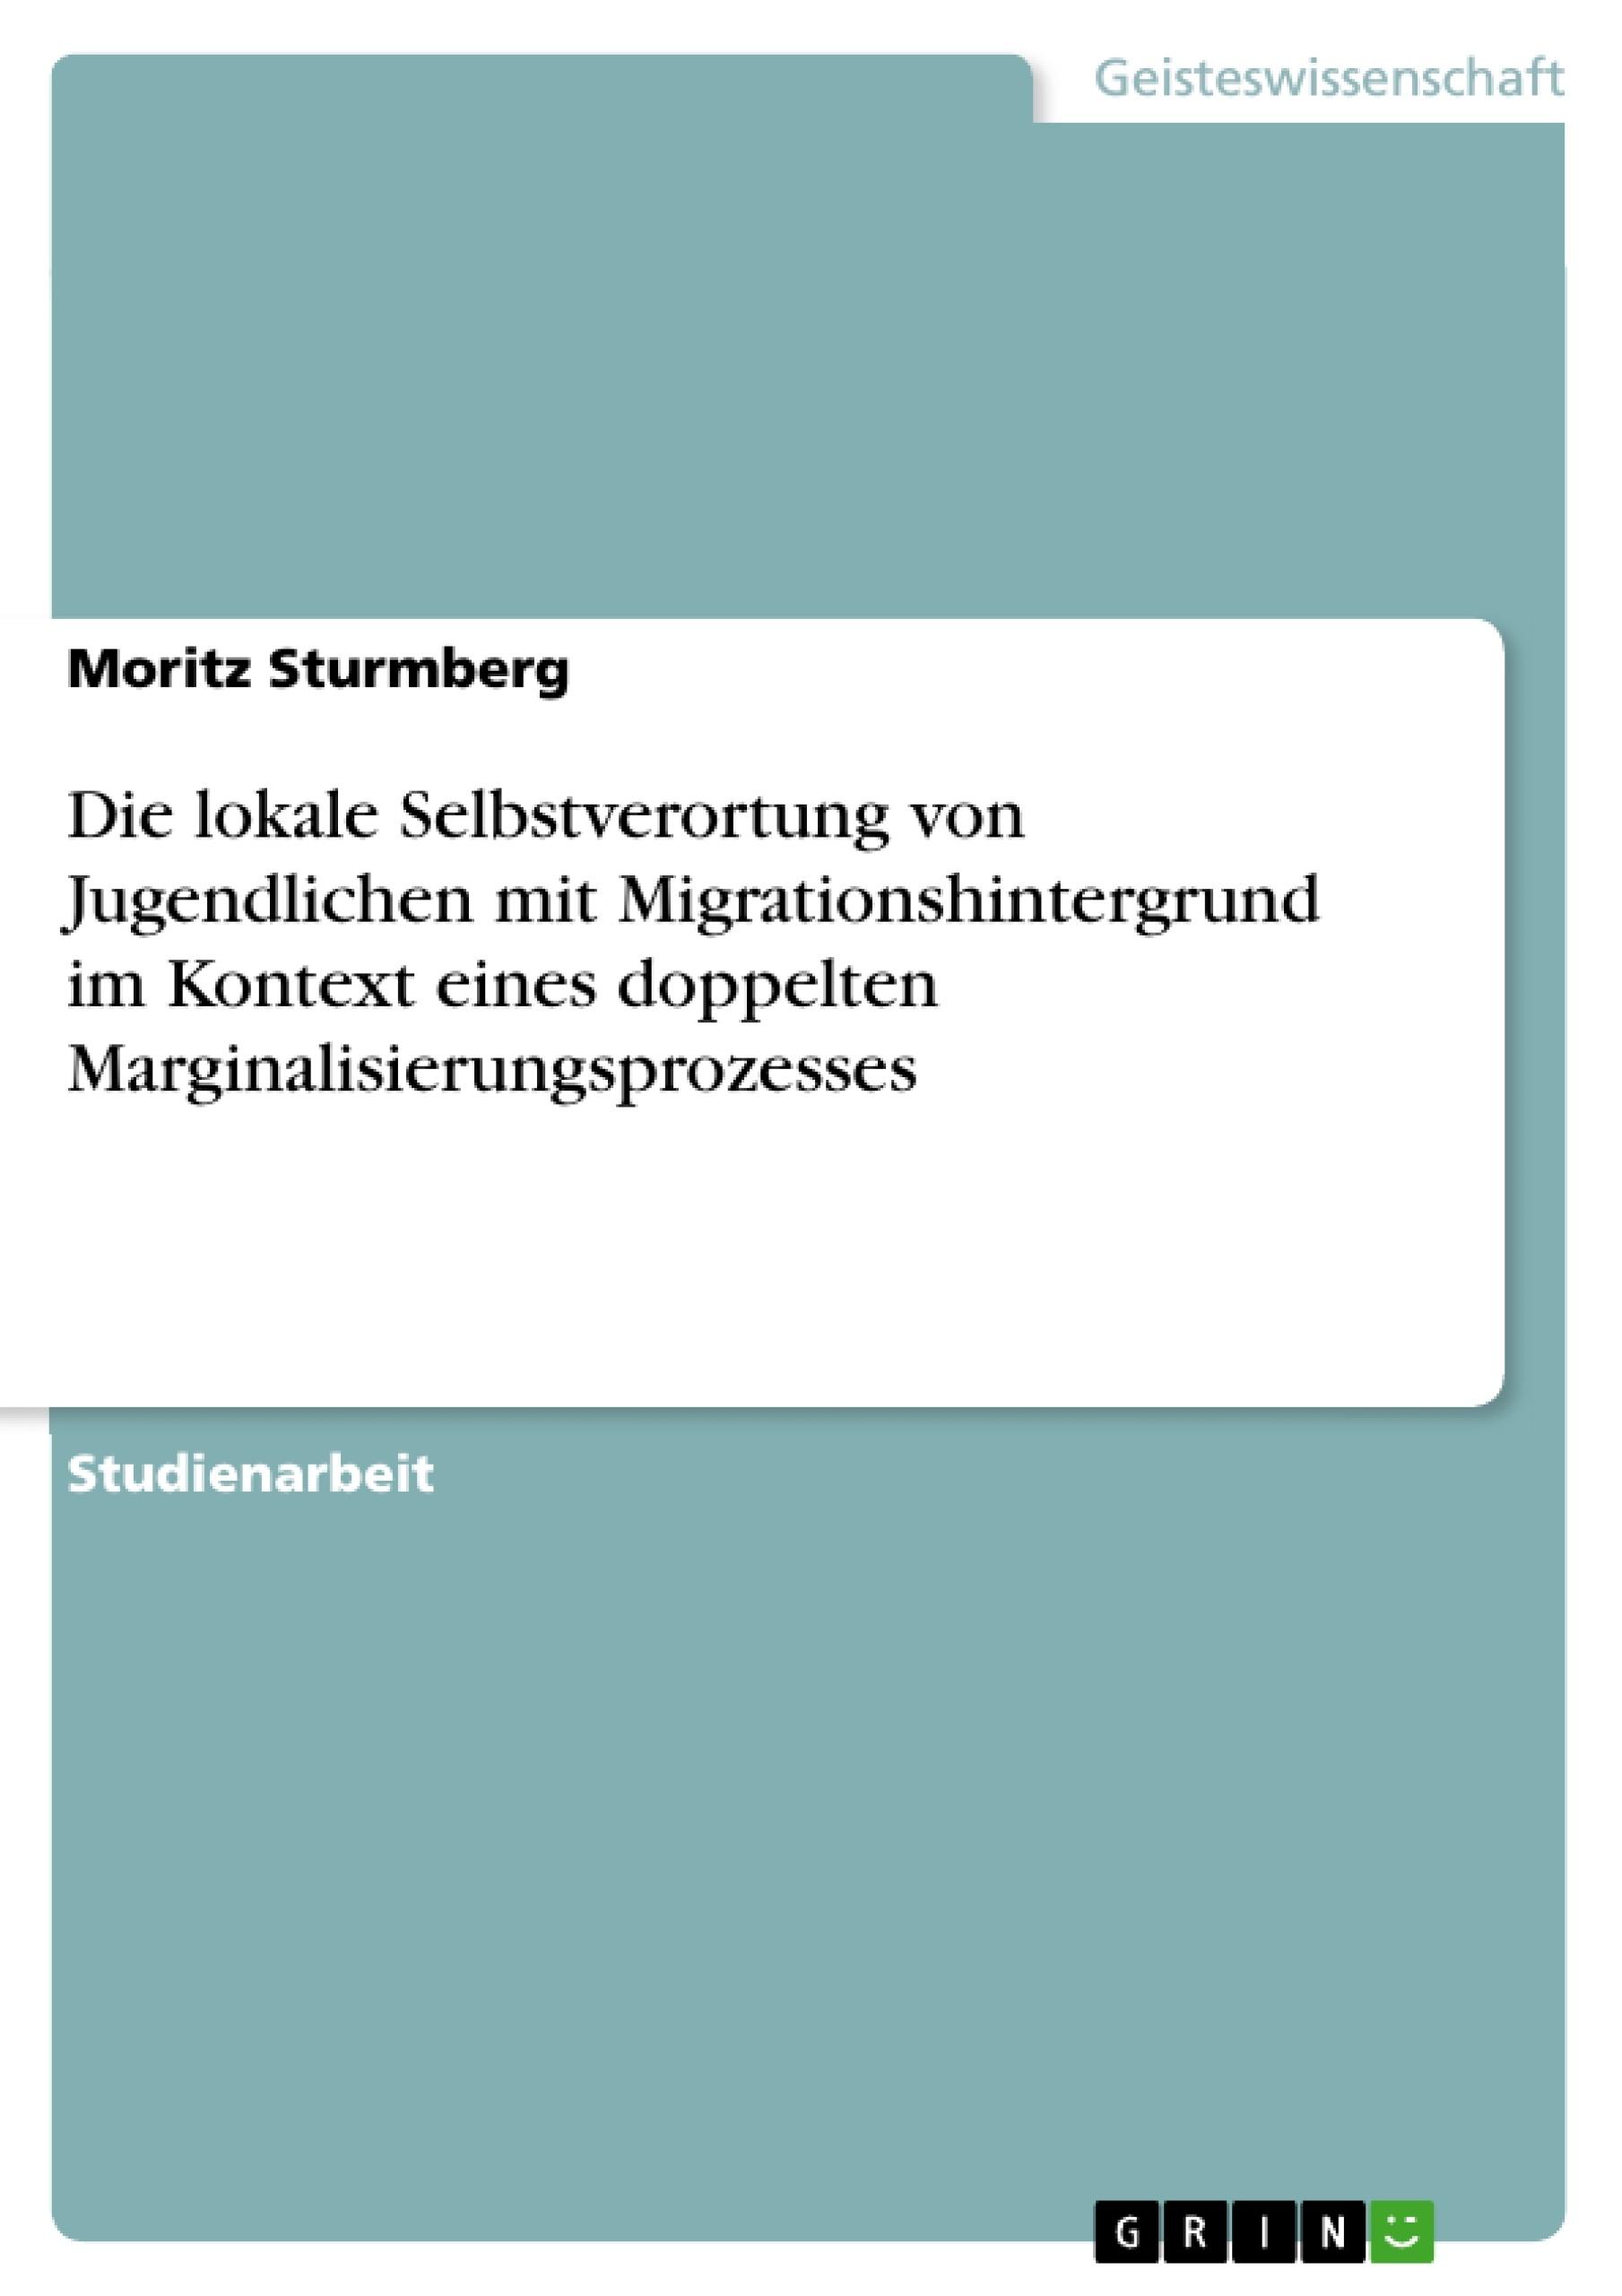 Titel: Die lokale Selbstverortung von Jugendlichen mit Migrationshintergrund im Kontext eines doppelten Marginalisierungsprozesses